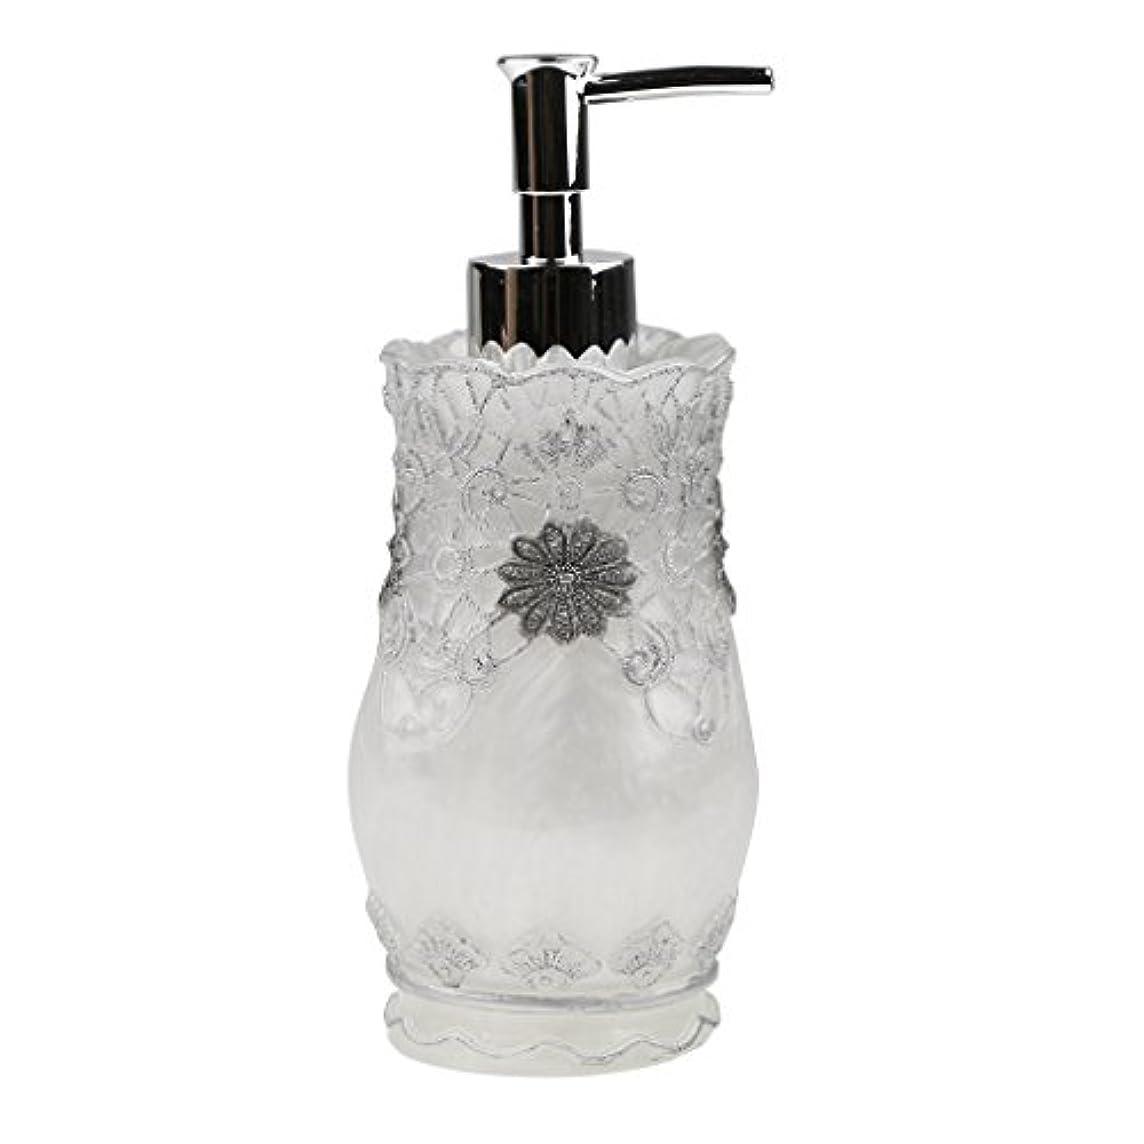 知らせる書誌ウィスキー液体ソープ シャンプー用 空 シャンプー ボトル 詰め替えボトル 美しい エレガント デザイン 全4種類 - #2